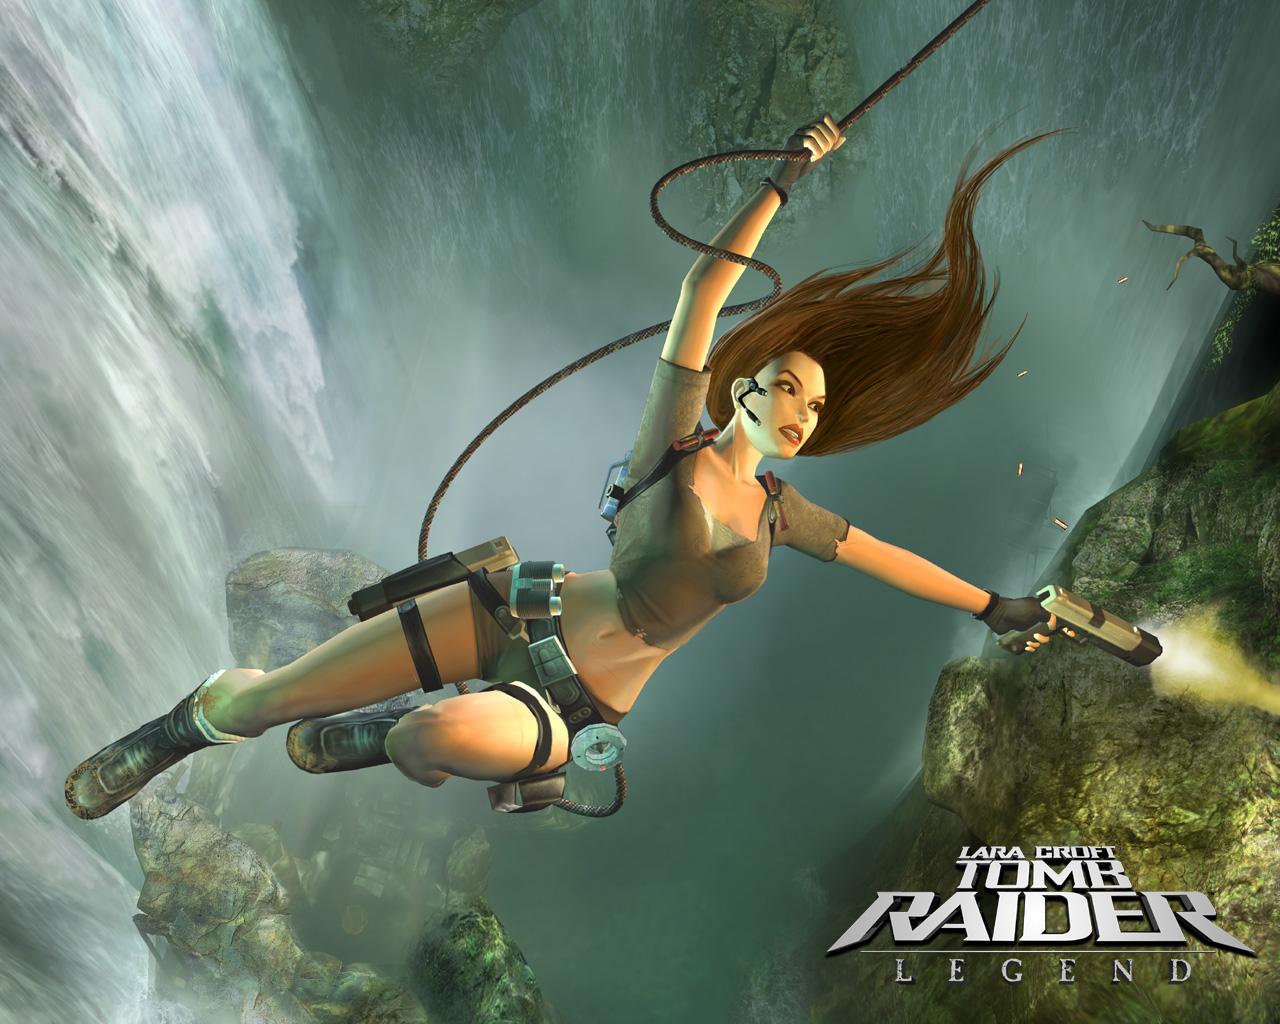 Fondos De Pantalla Tomb Raider Tomb Raider Legend Salto Lara